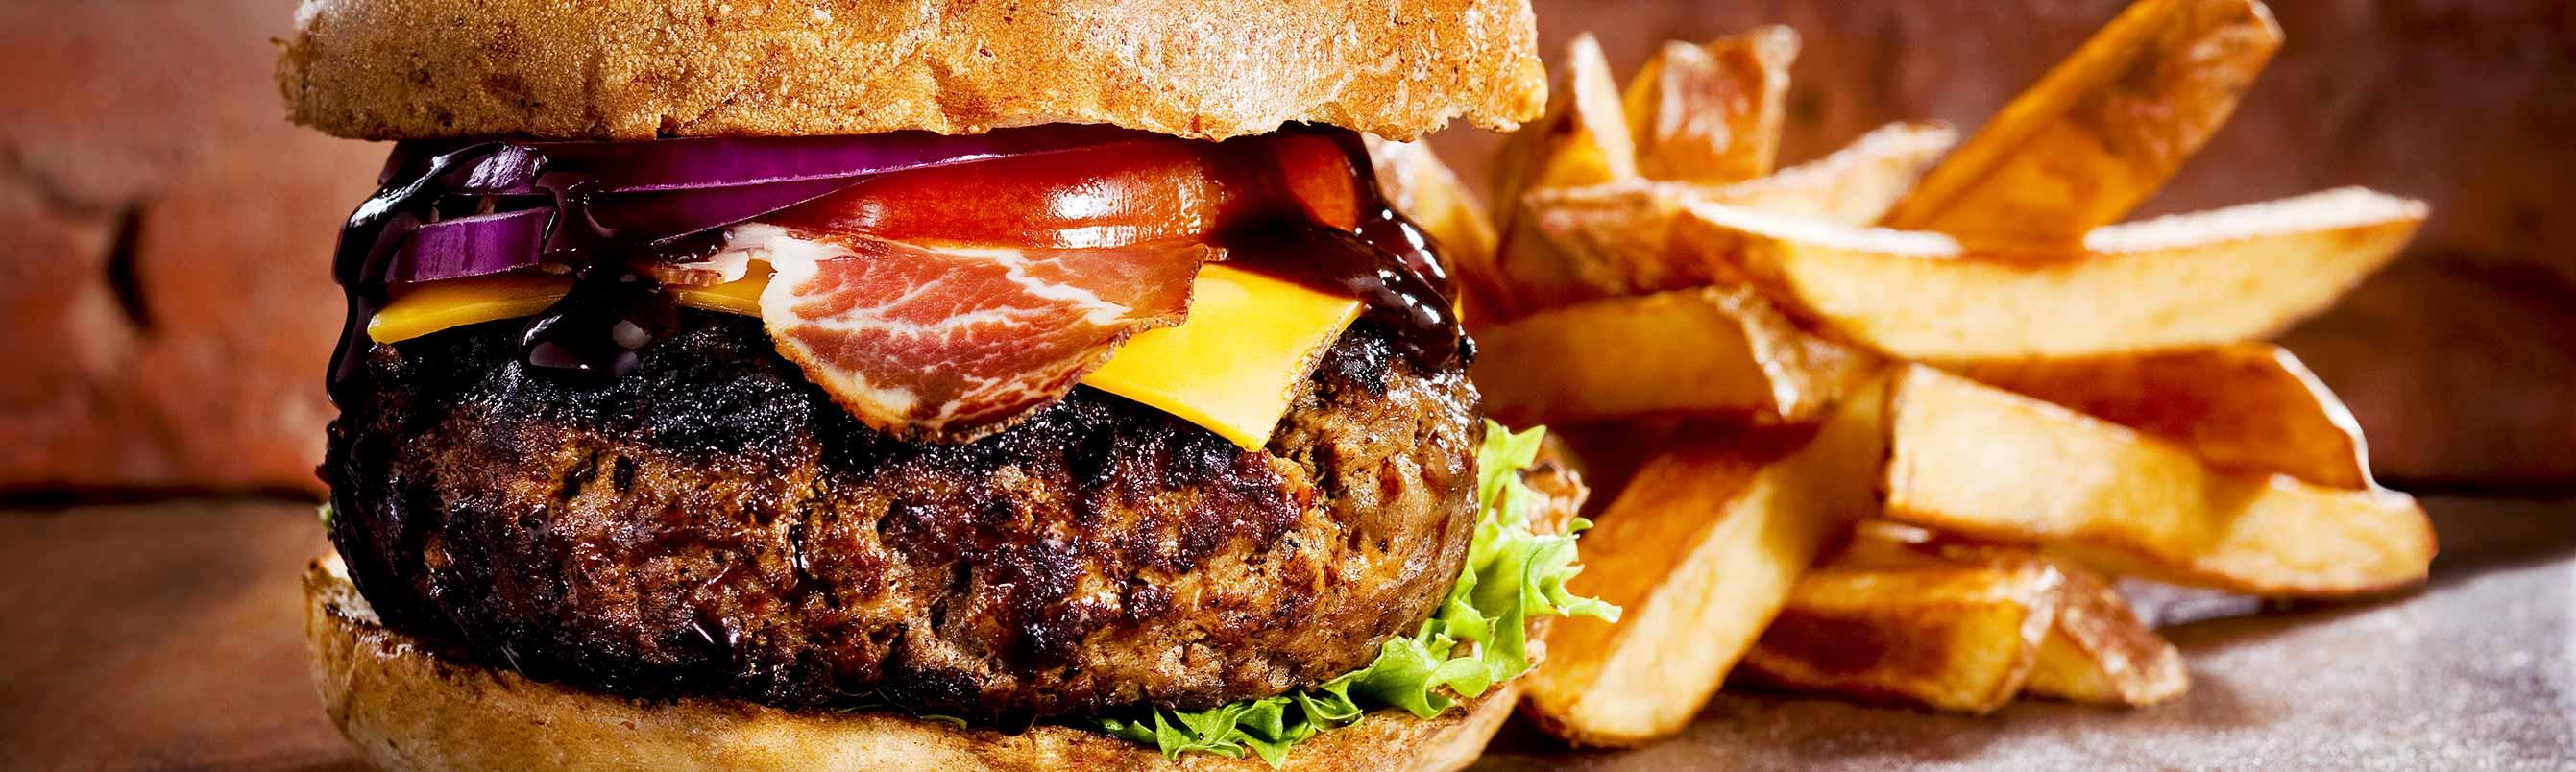 pubs_burger_89536951